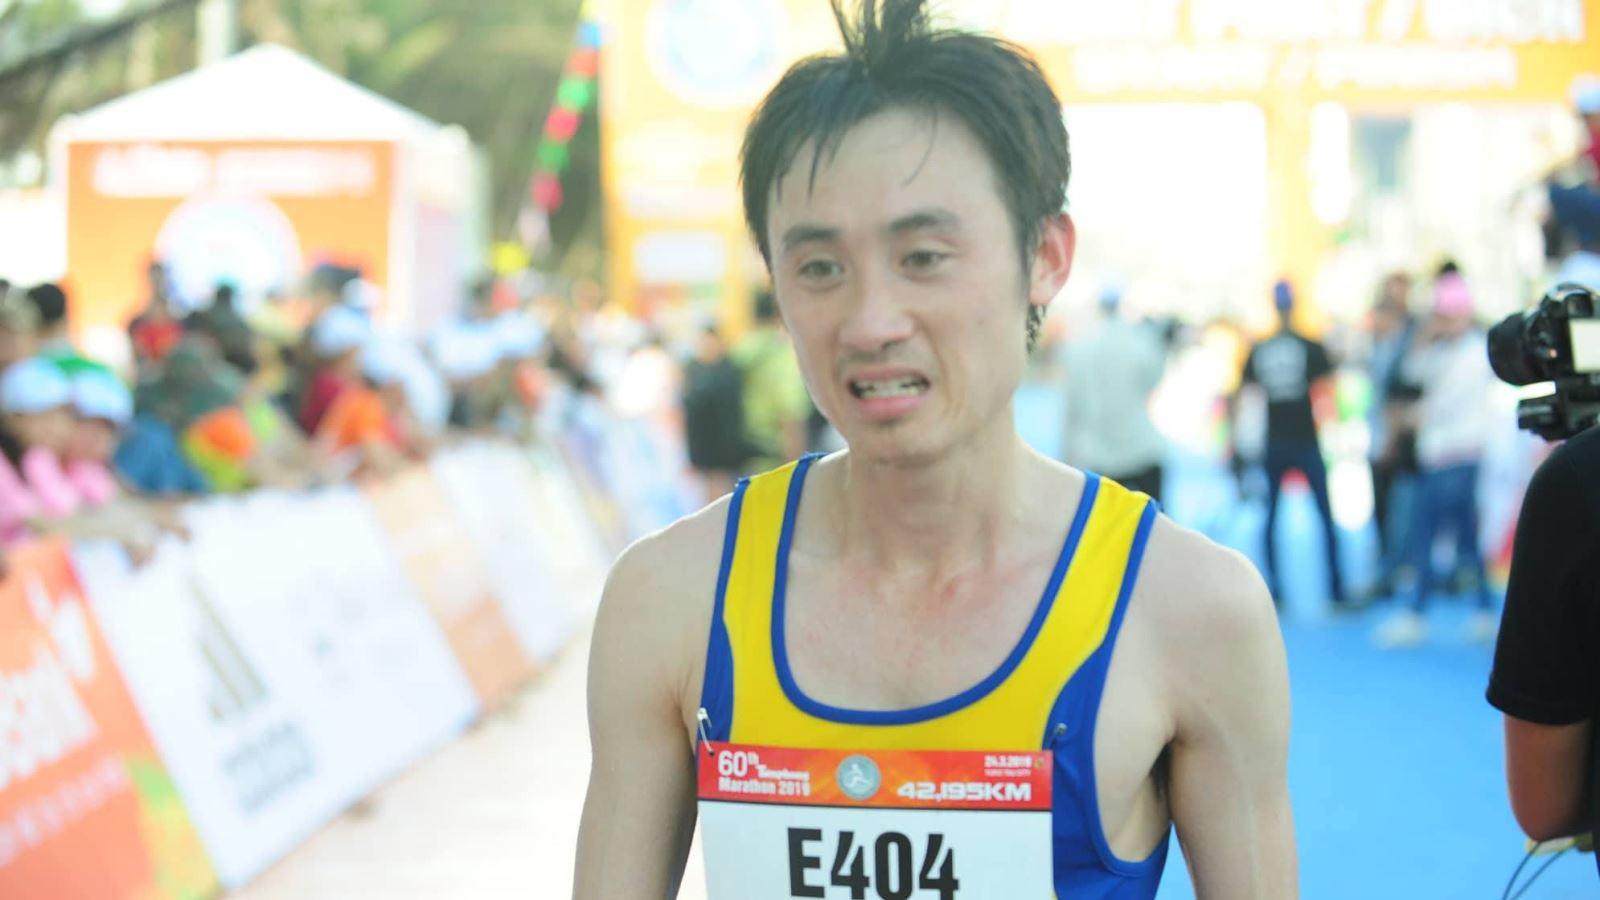 Bùi Thế Anh về nhất marathon nam ở giải Việt dã toàn quốc và Marathon báo Tiền Phong 2019